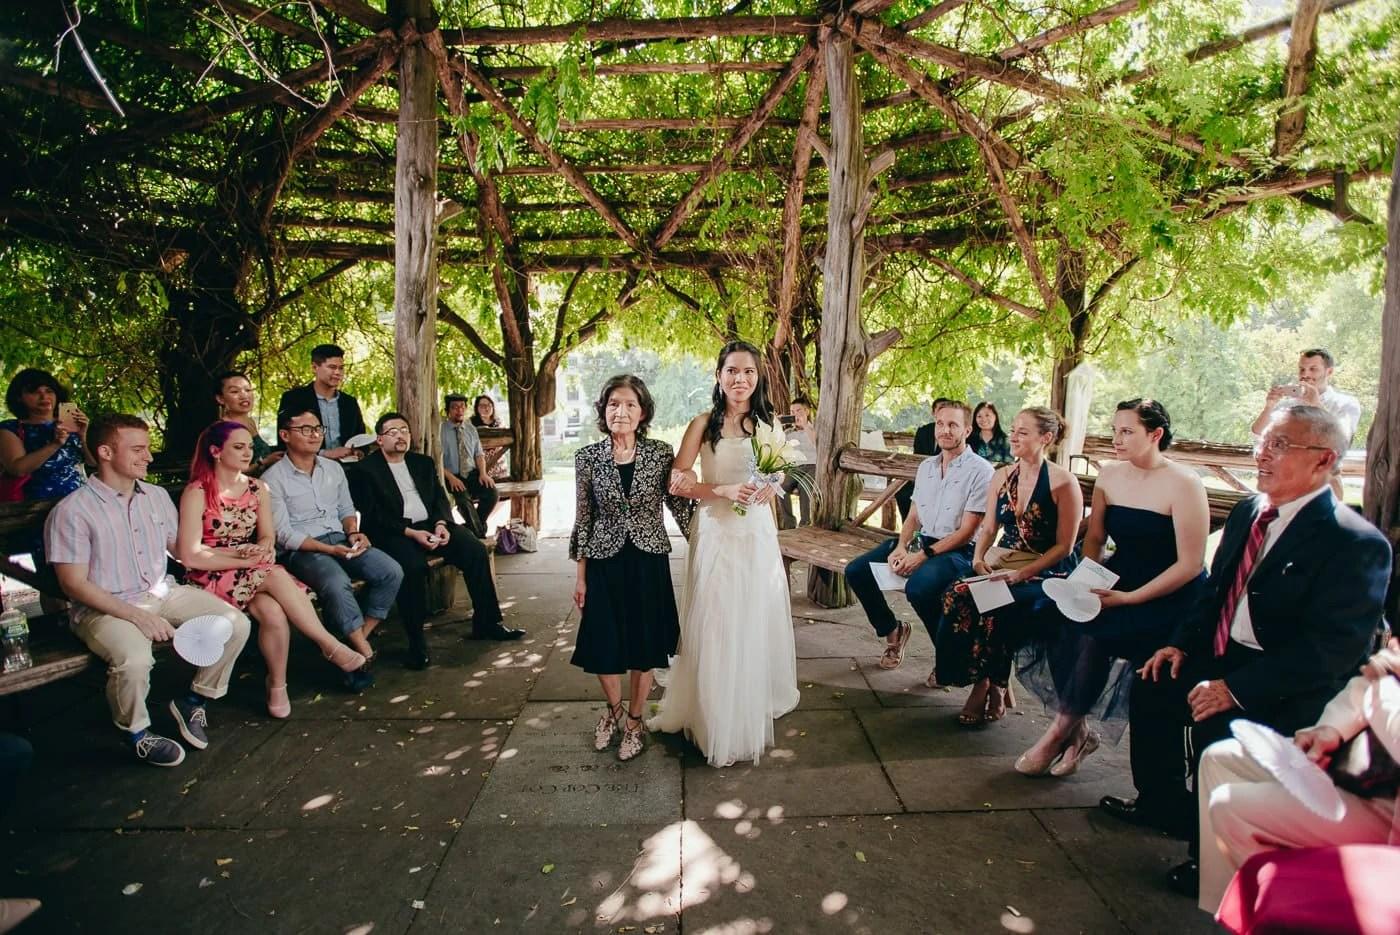 Cop Cot Elopement Wedding